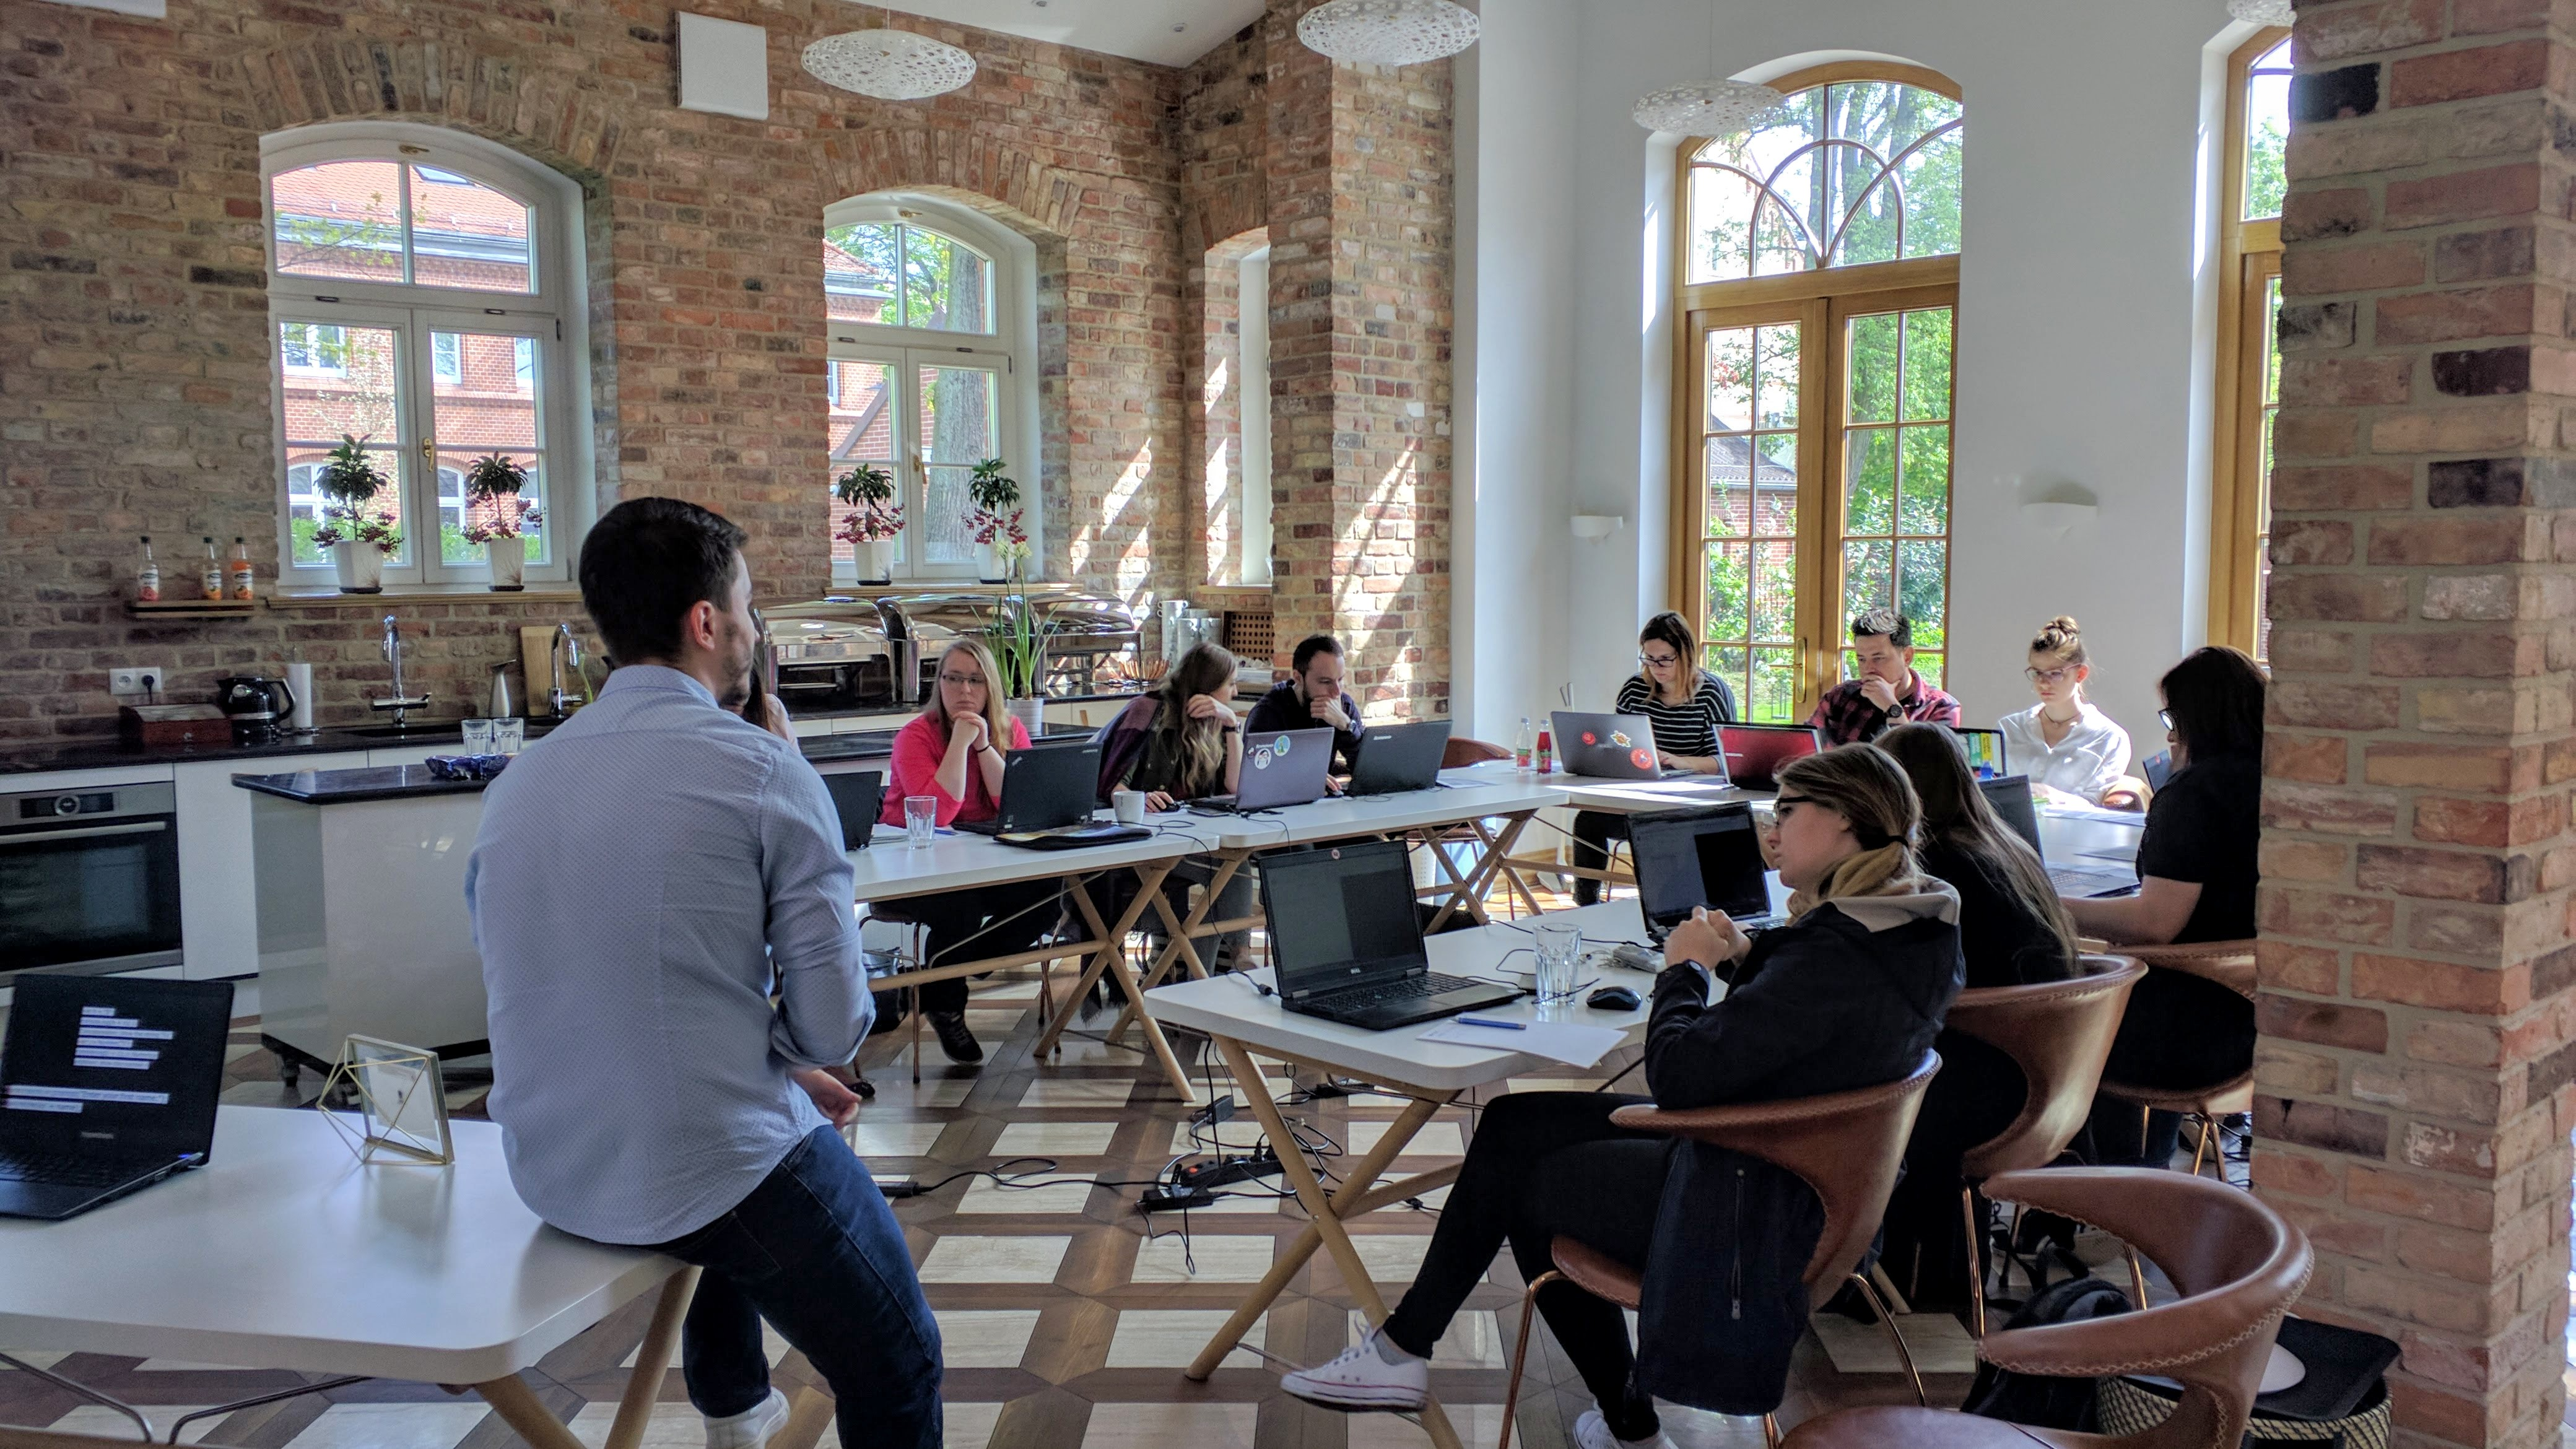 Szkolenie JavaScript i wstęp do programowania